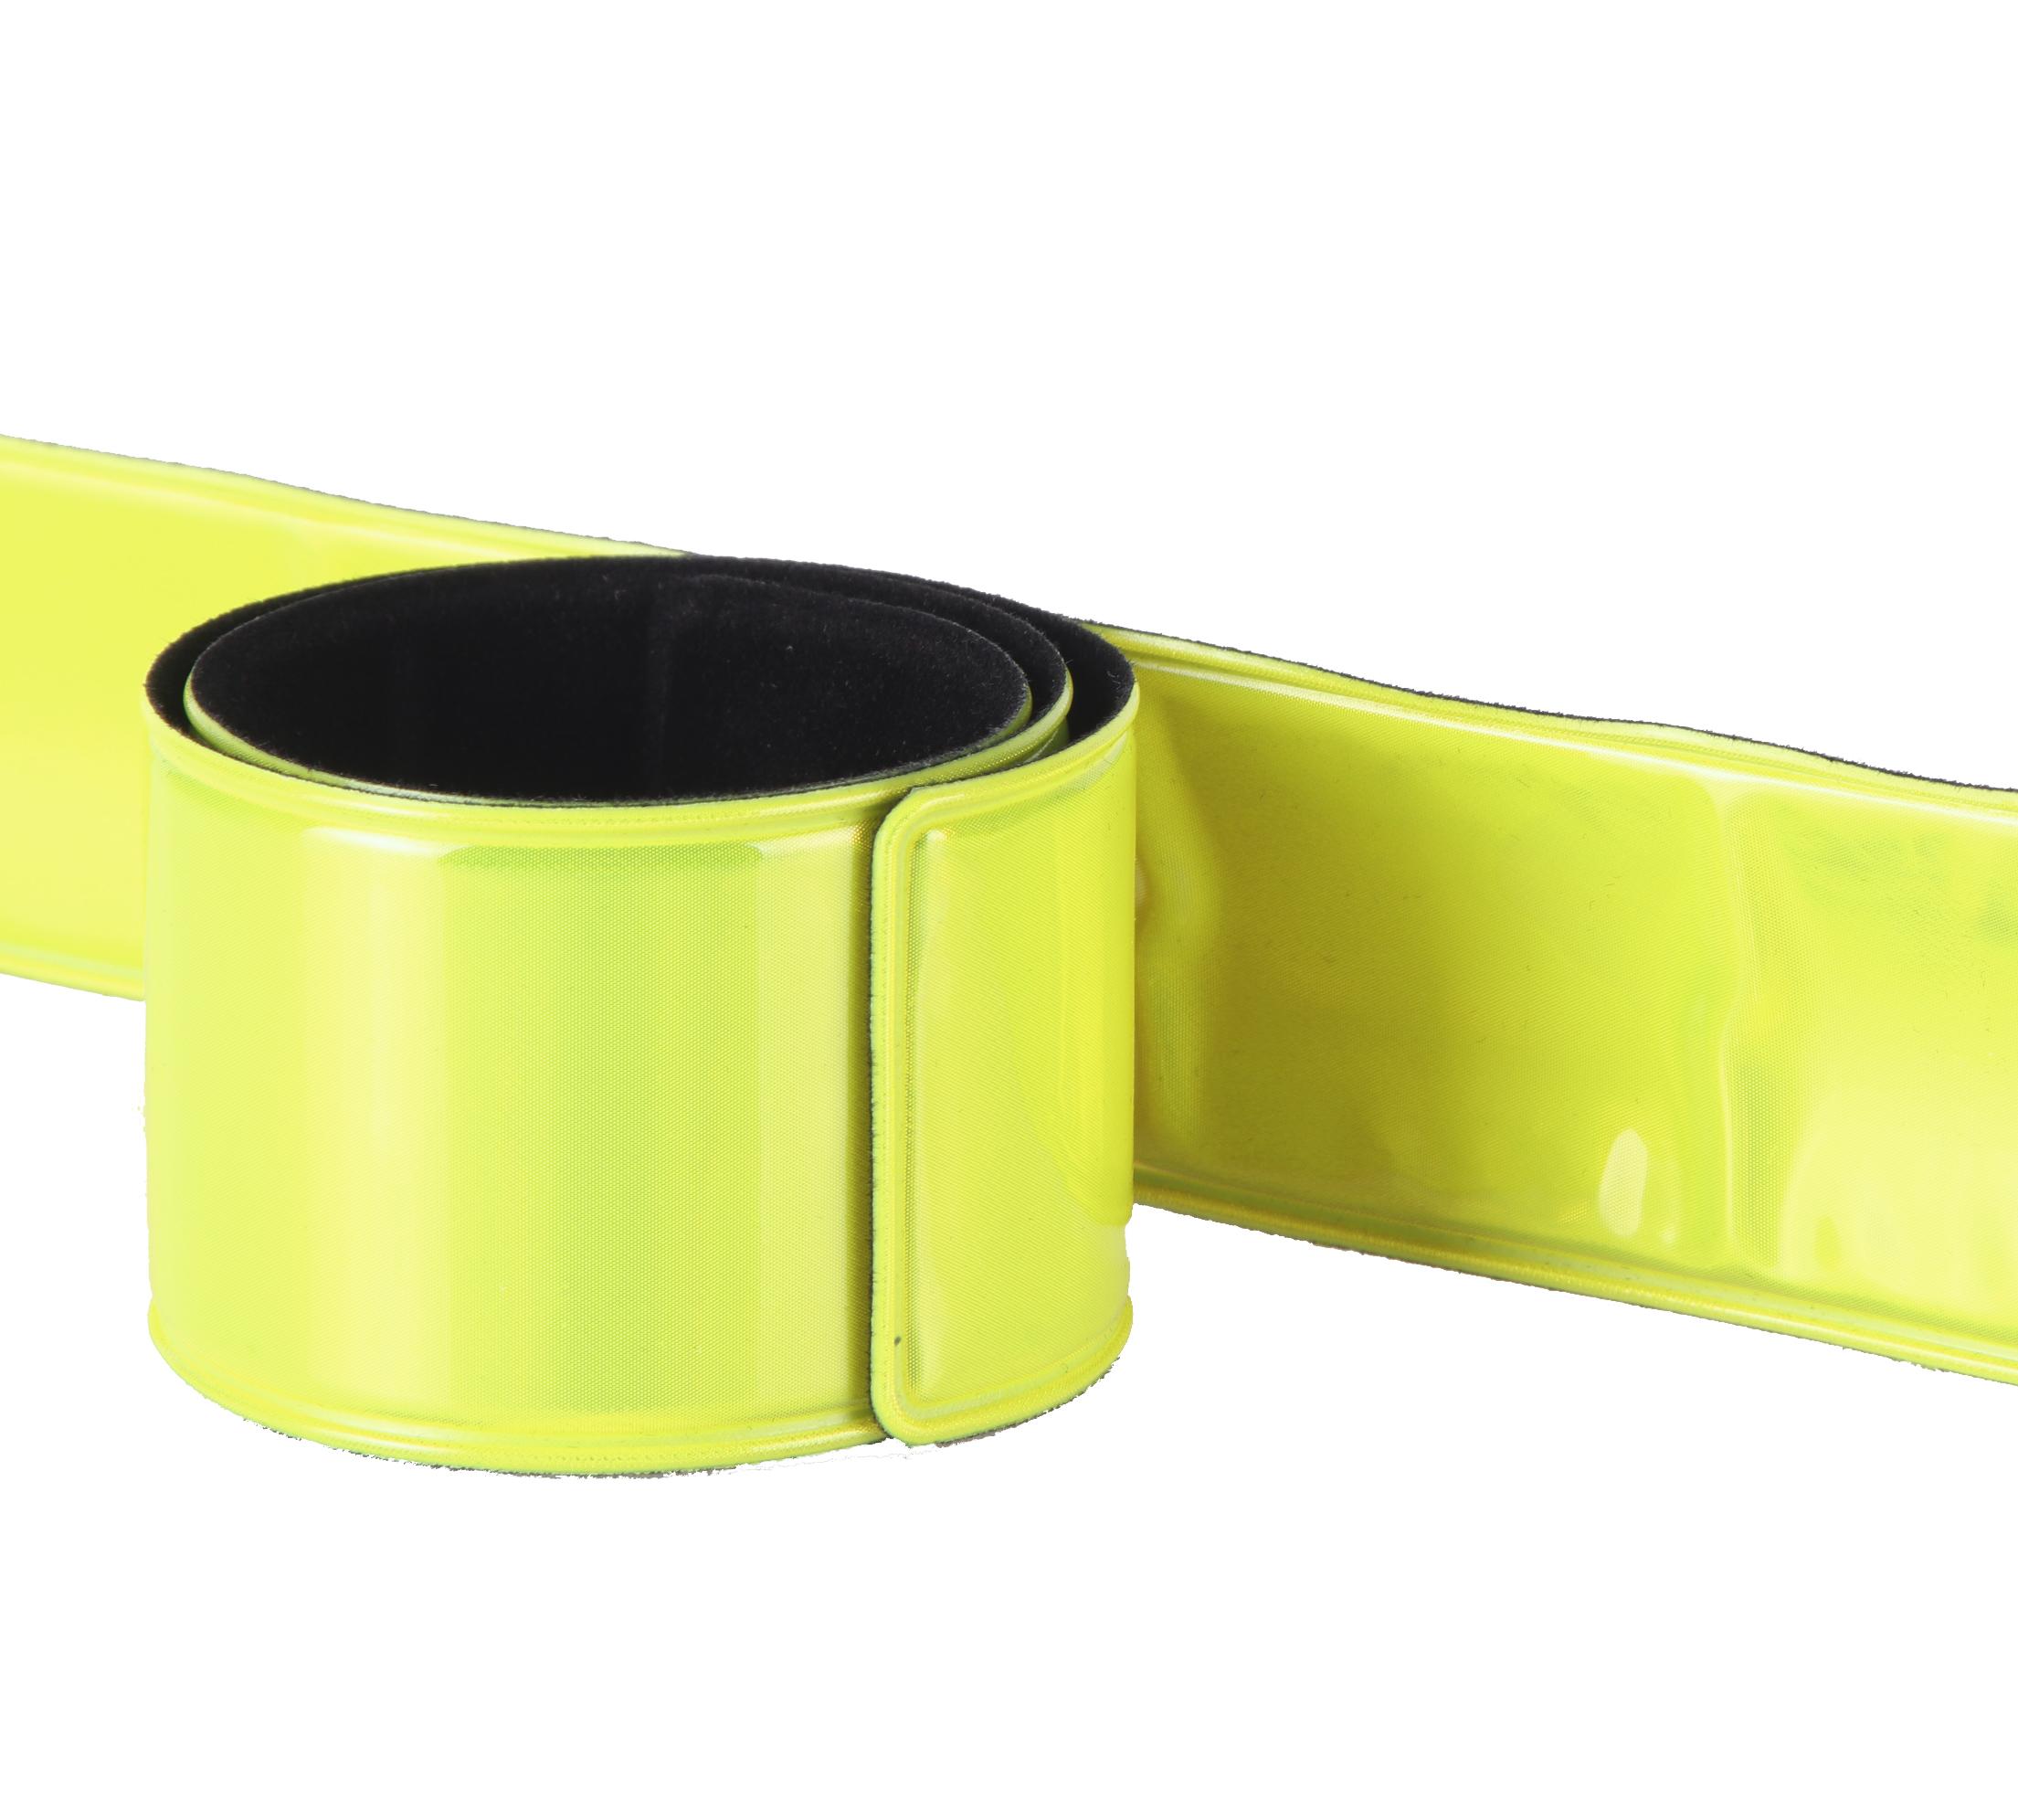 Reflektor Hosen Klick Band 2x 30cm Fahrrad Laufen Leuchtband Klammer Schnappband